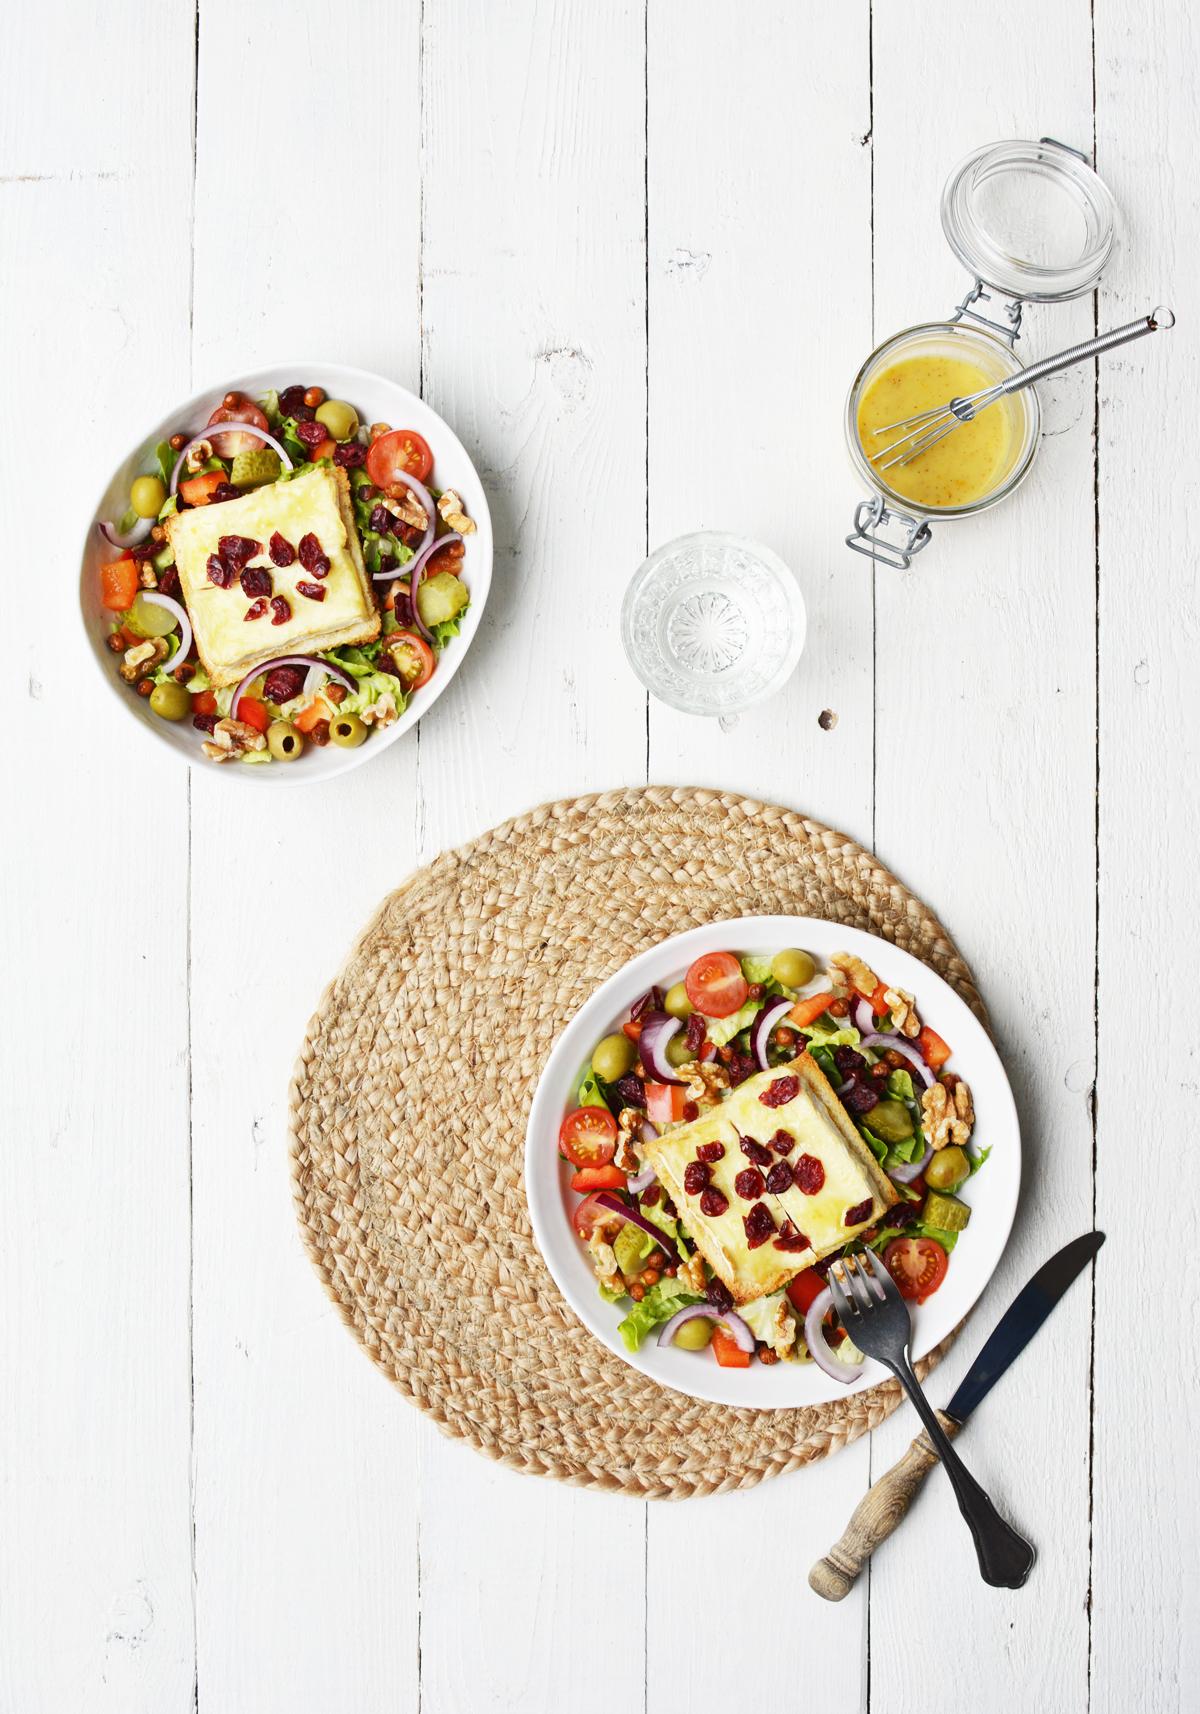 Salade met brie crouton 1